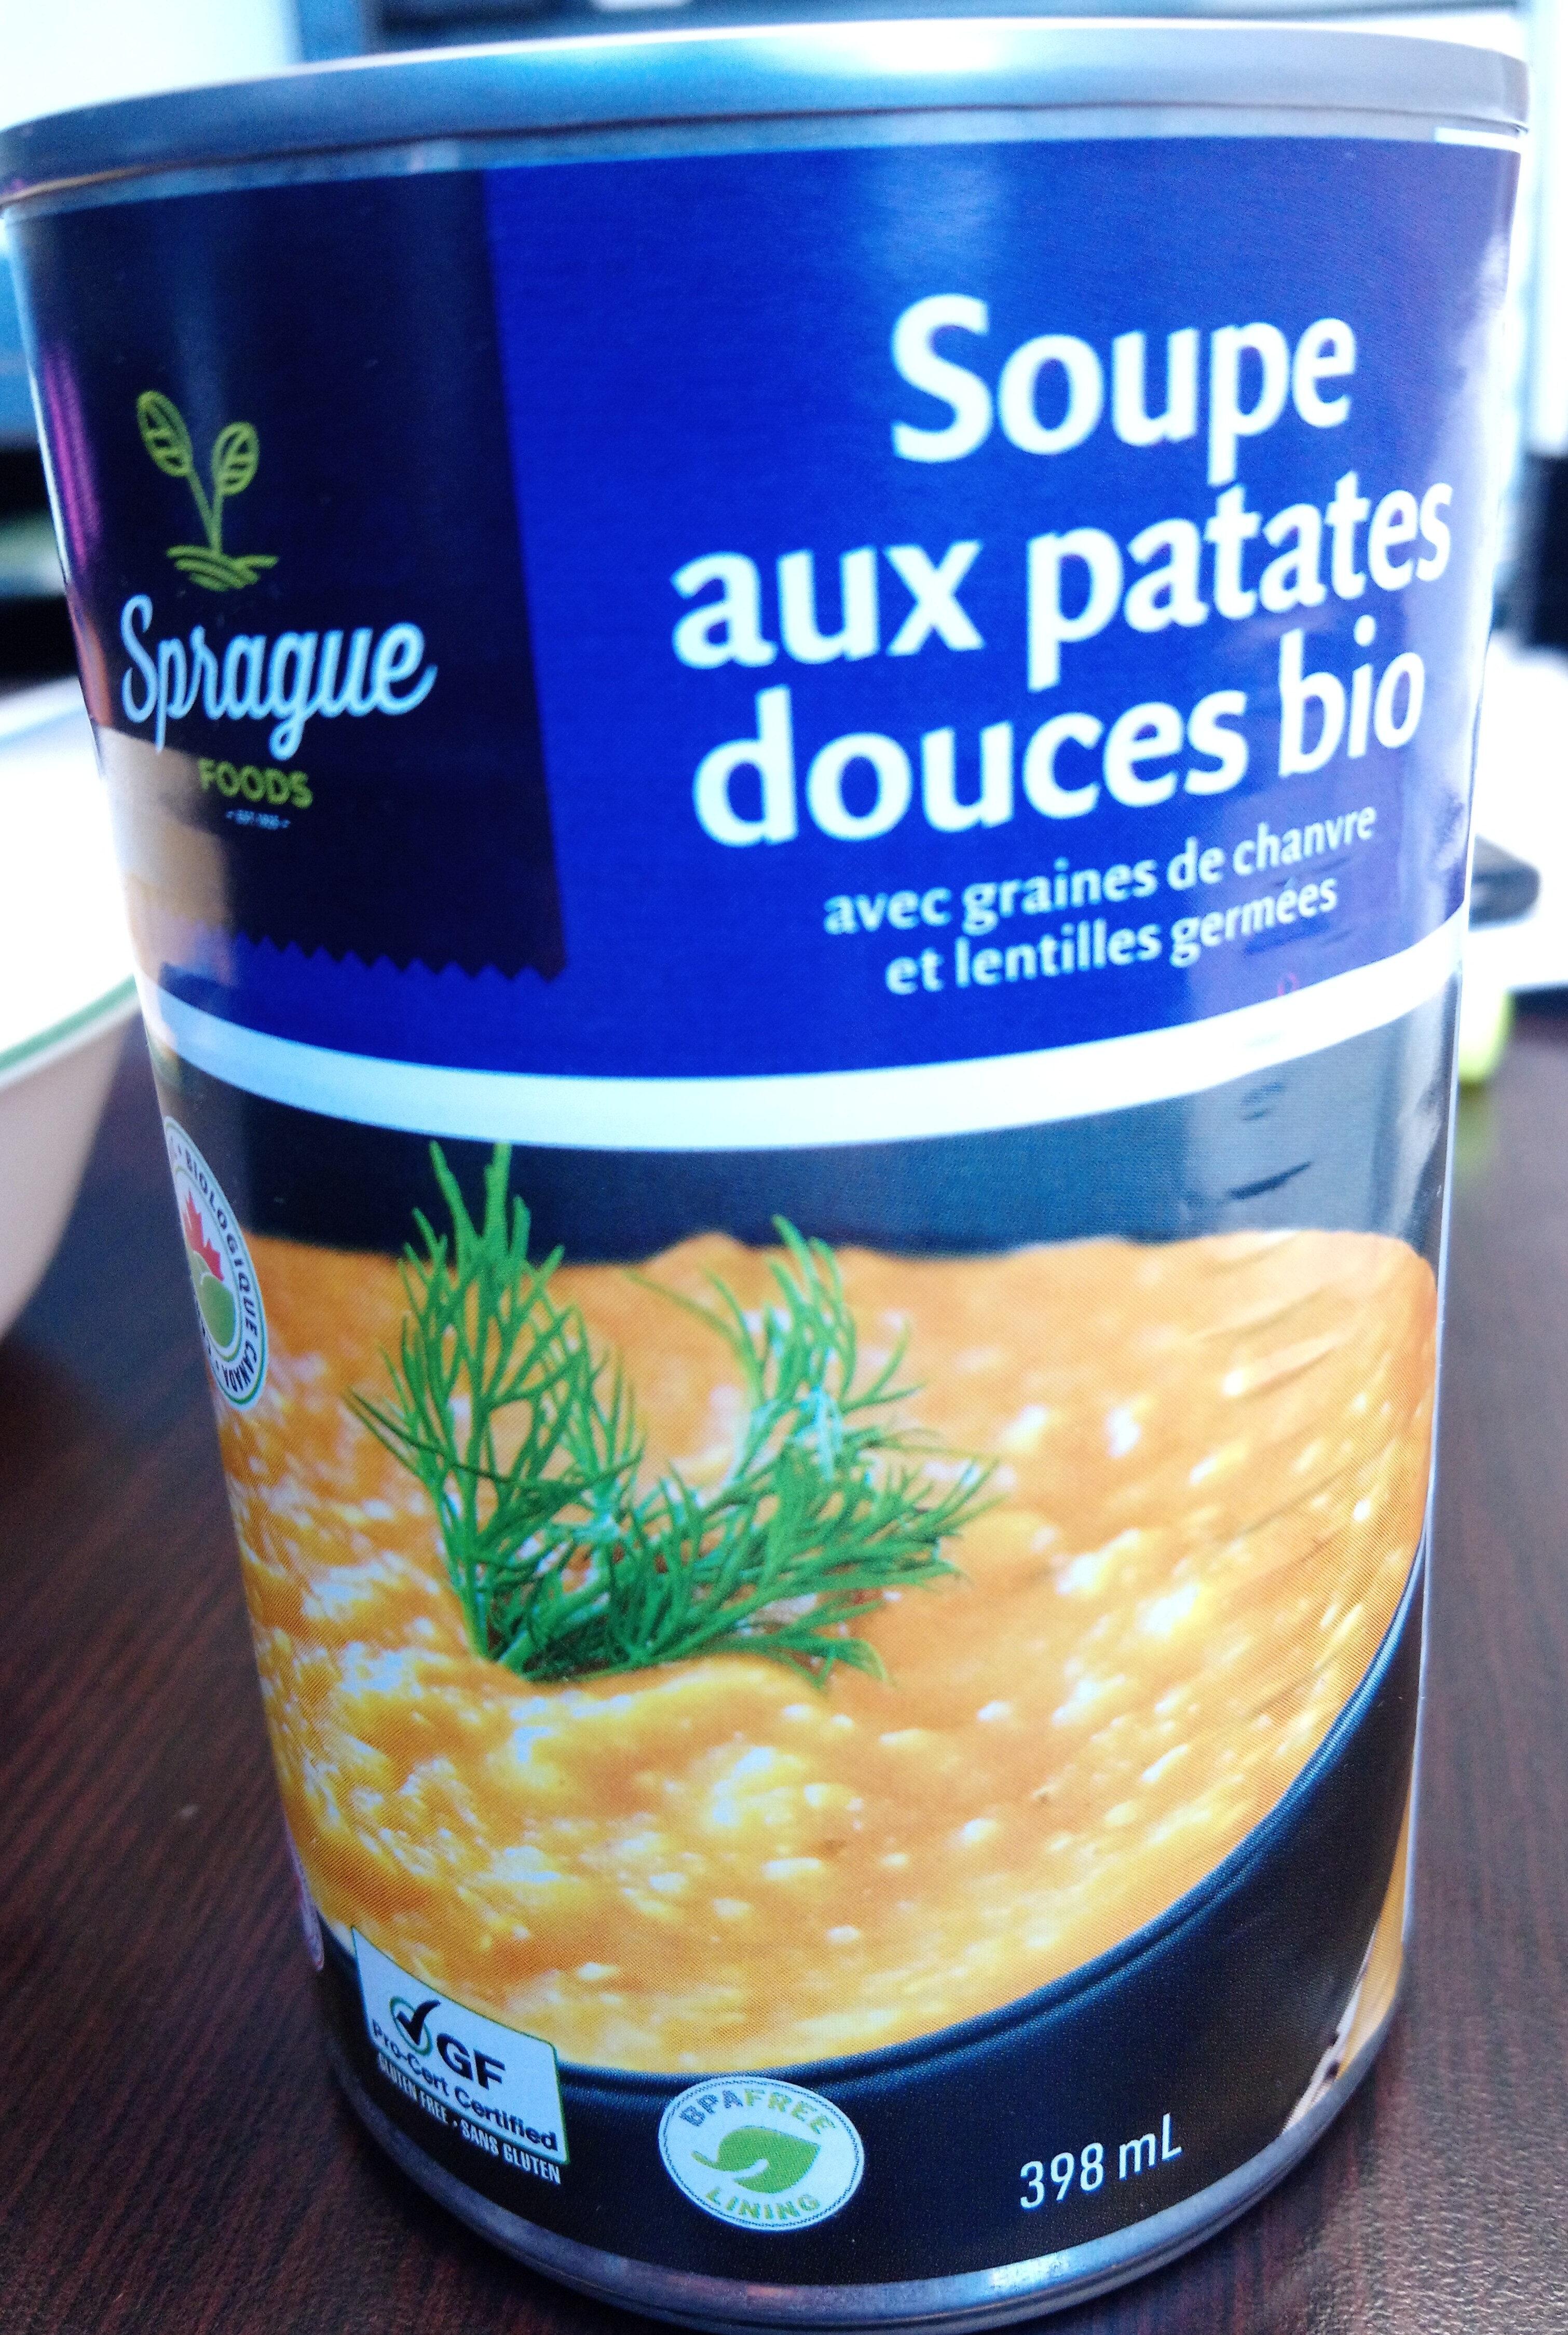 Soupe aux patates douces bio - Produit - fr